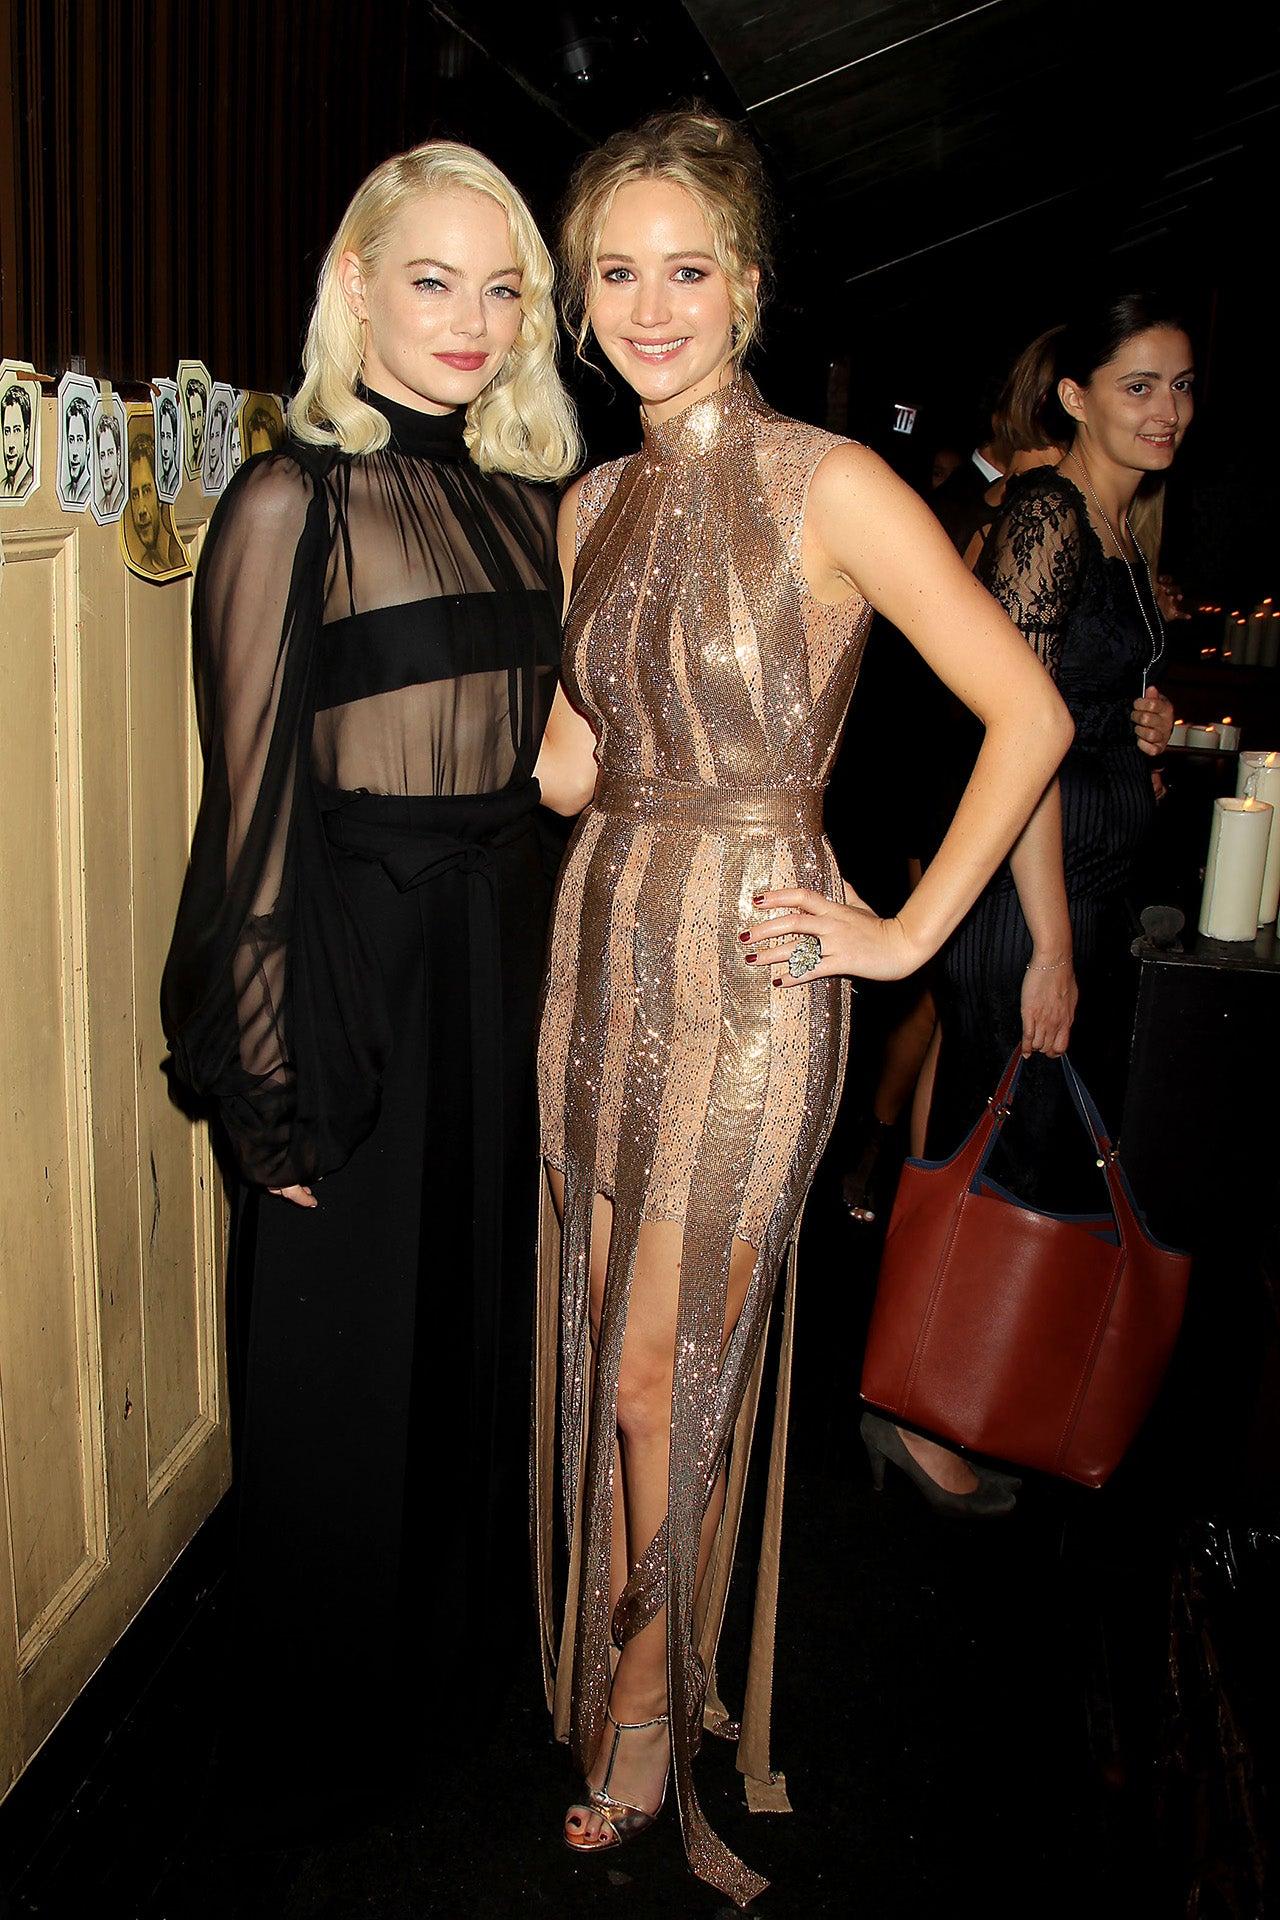 Emma Stone and Jennifer Lawrence reunite